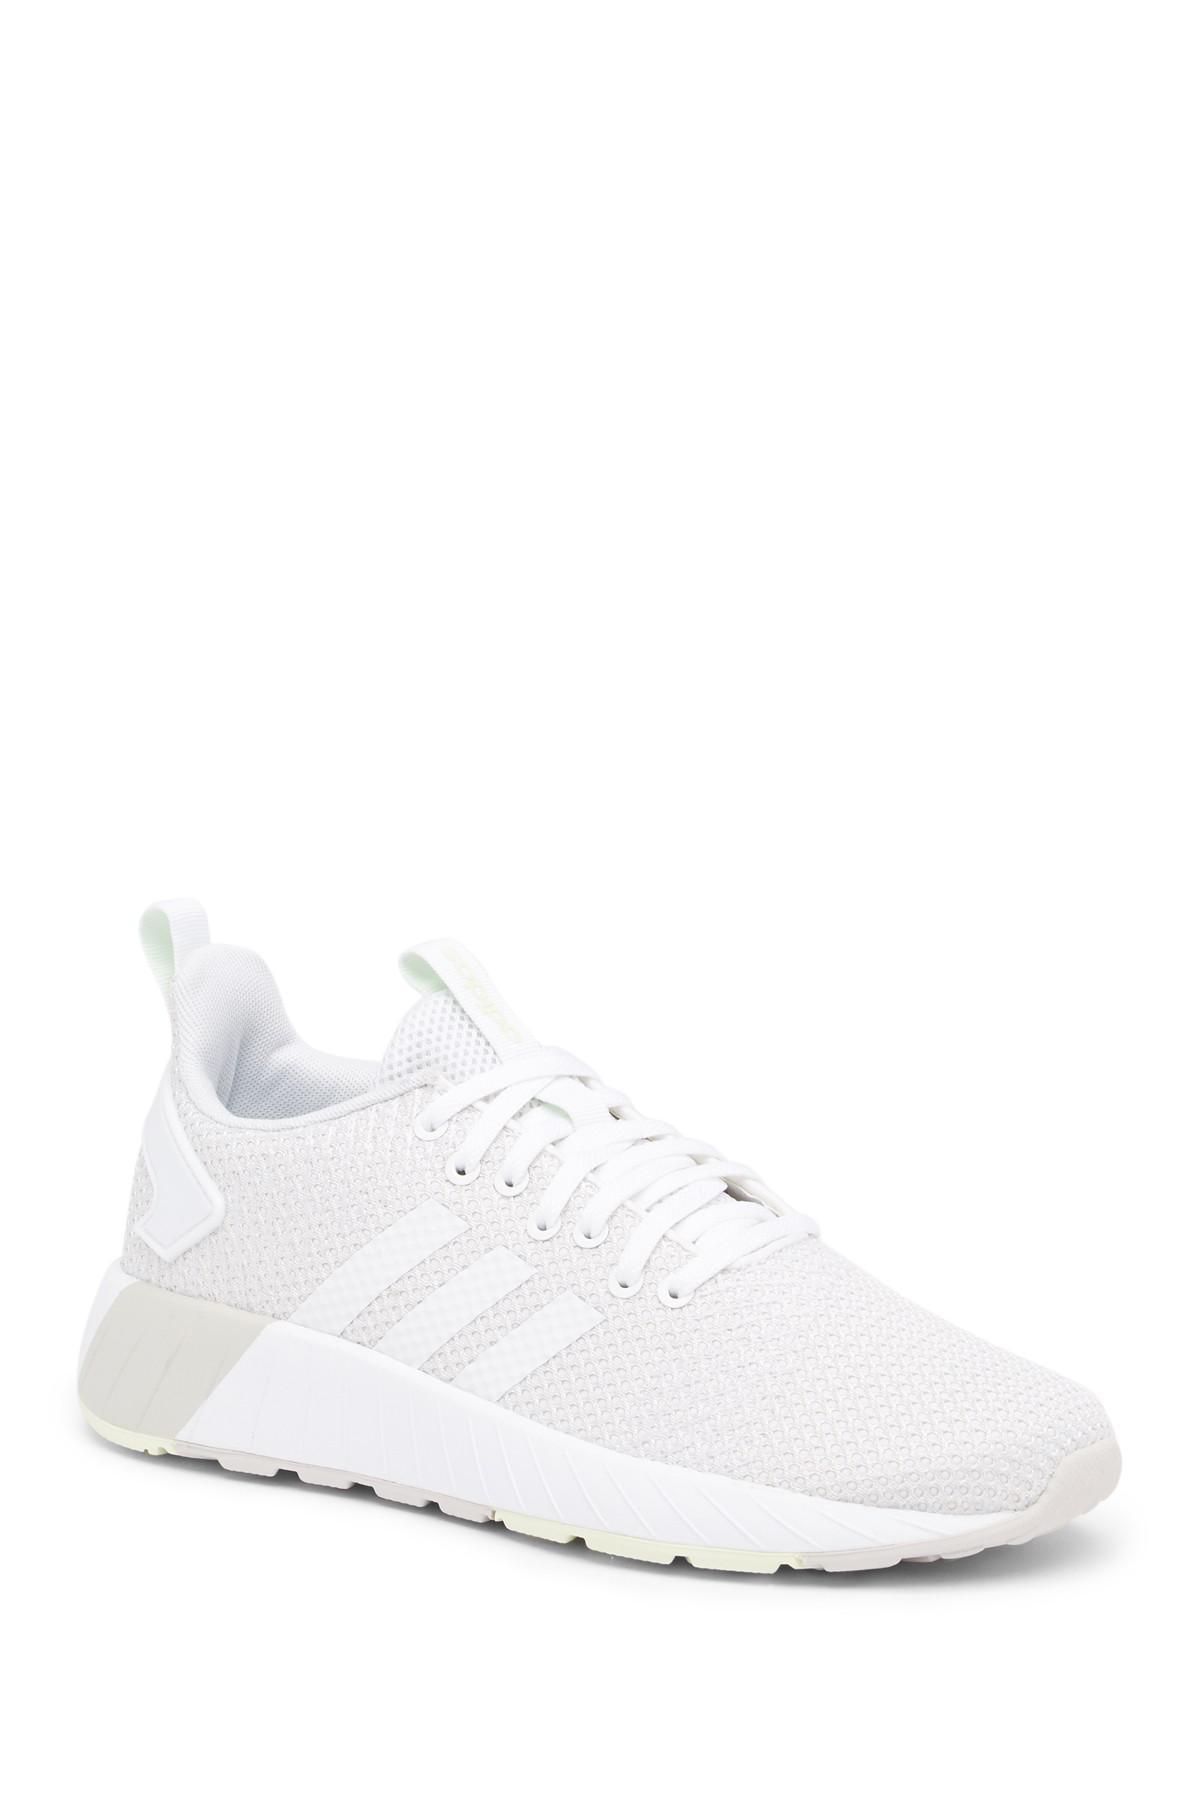 Lyst adidas da questar da scarpe da adidas ginnastica in bianco. ab7347